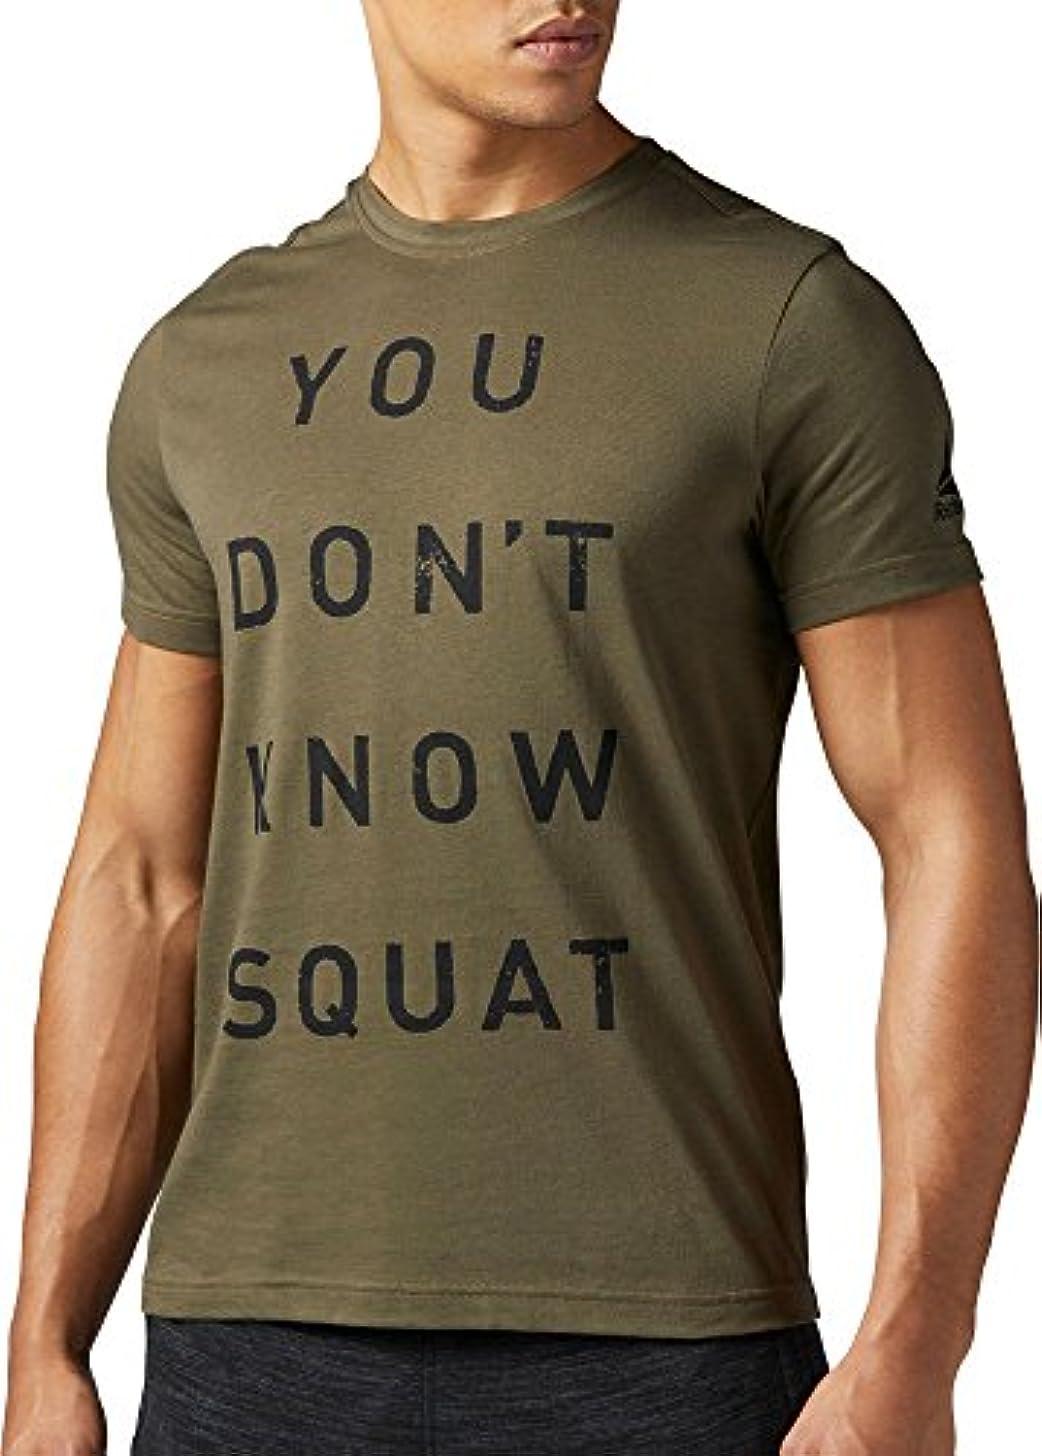 説教デマンドオールリーボック トップス シャツ Reebok Men's You Don't Know Squat Graphi ArmyGreen [並行輸入品]